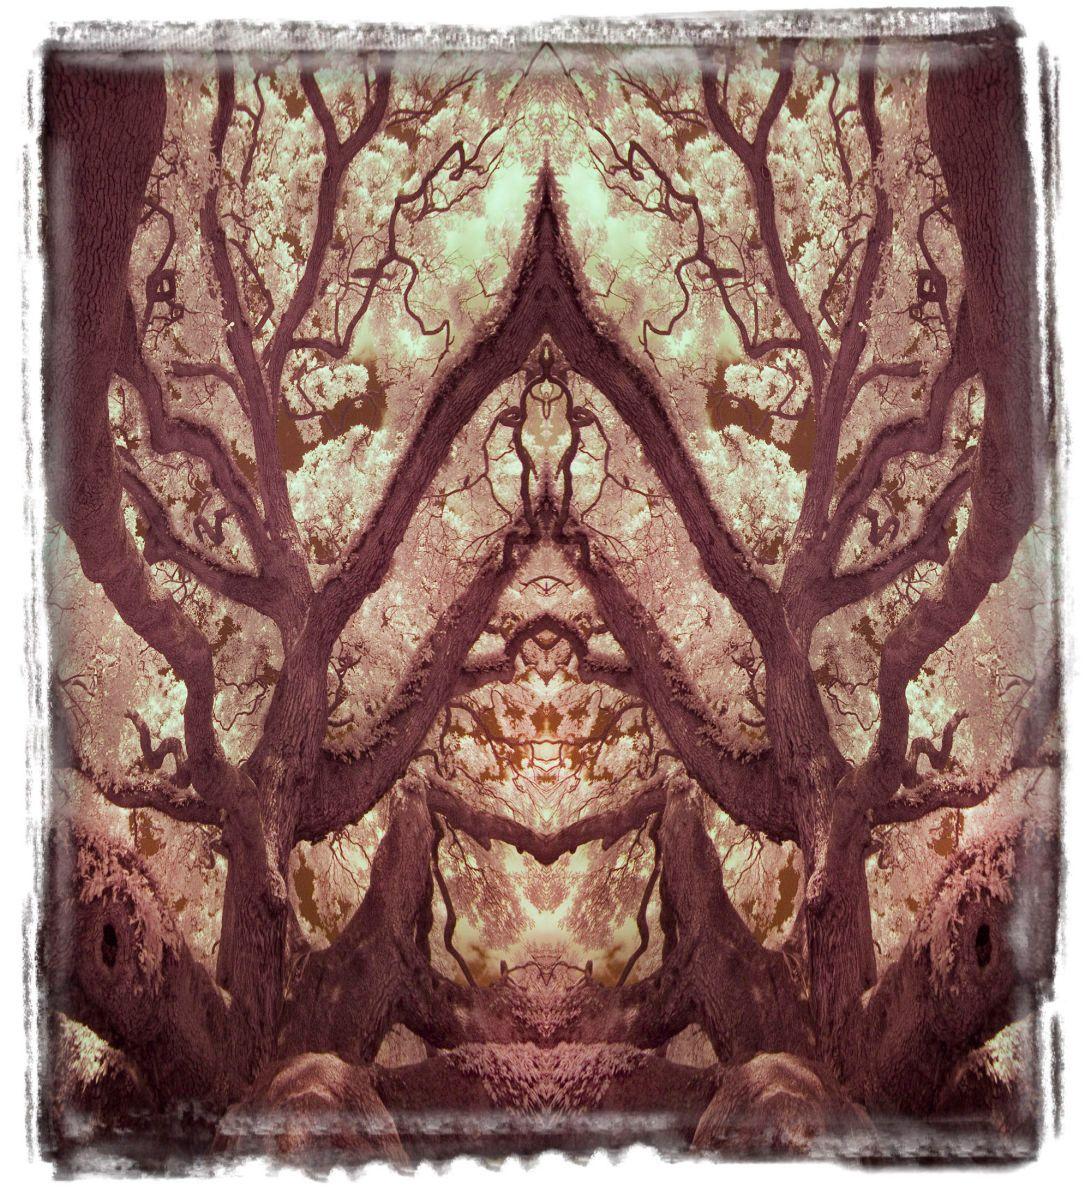 treaty oak, fl'12 3622a